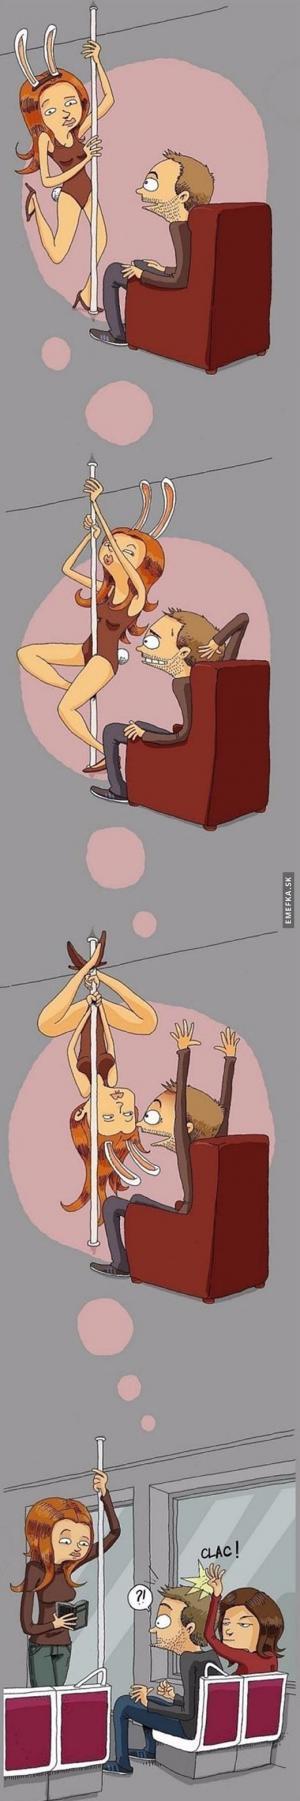 Představivost ve vztahu